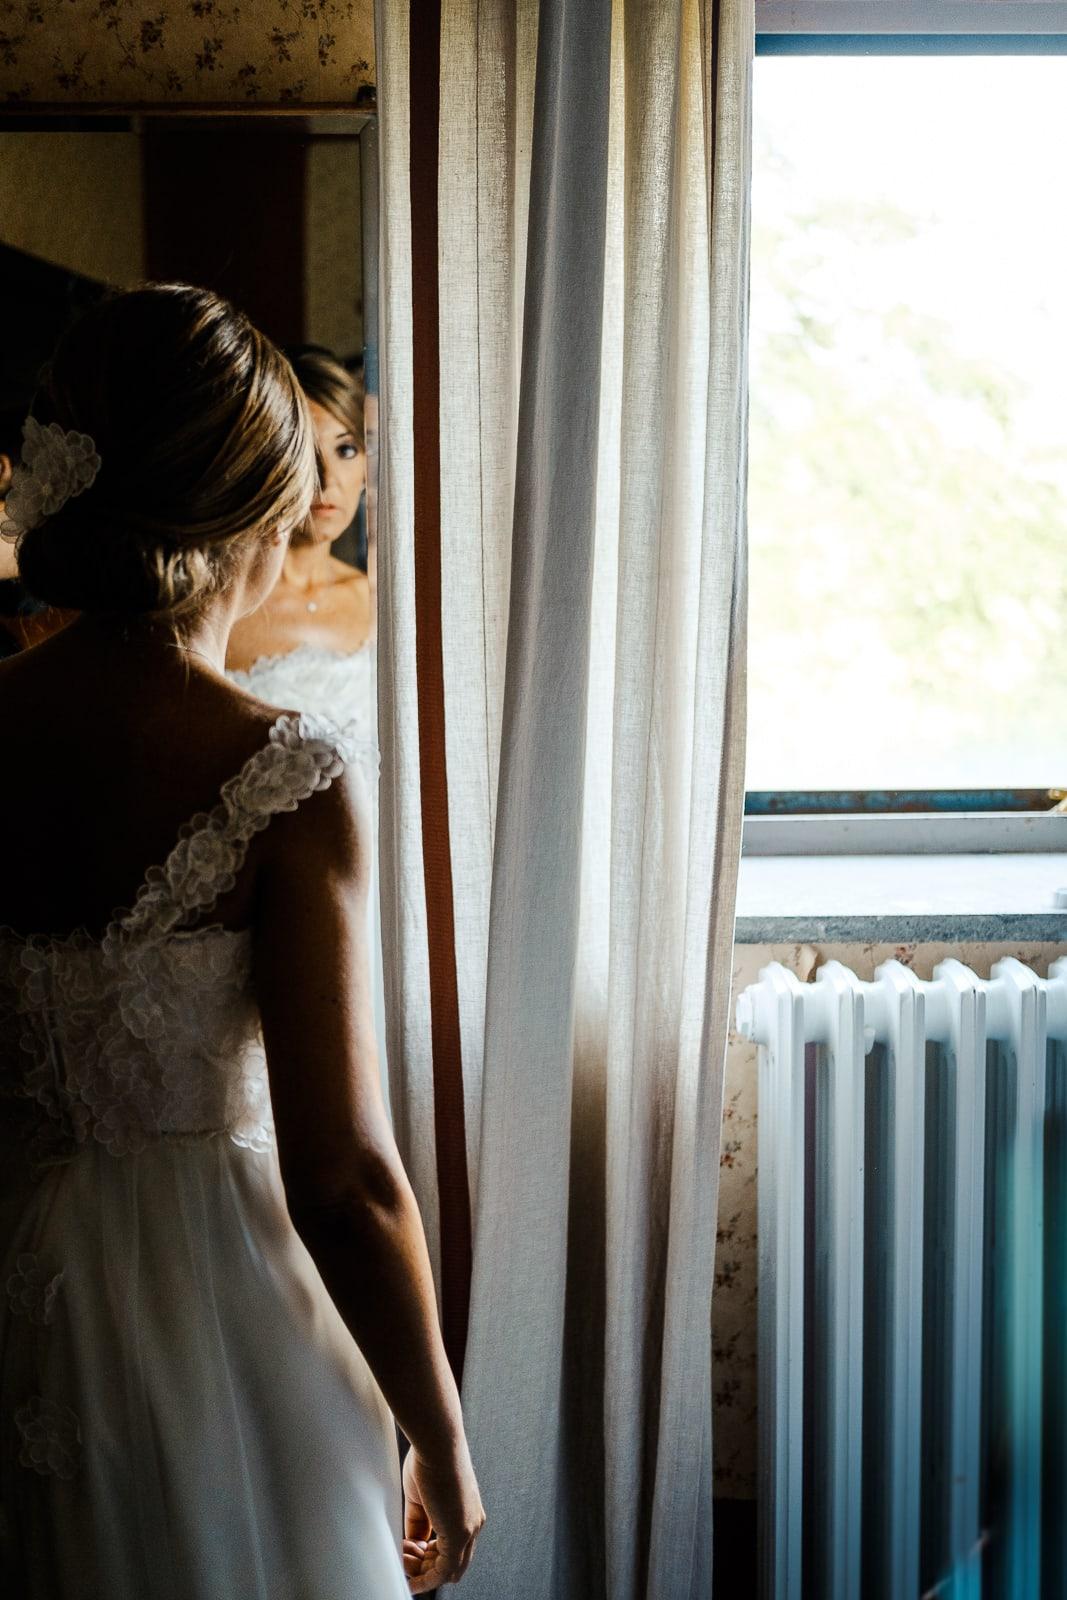 matrimonio_bomarzo_il giardino e la dimora_preparazione